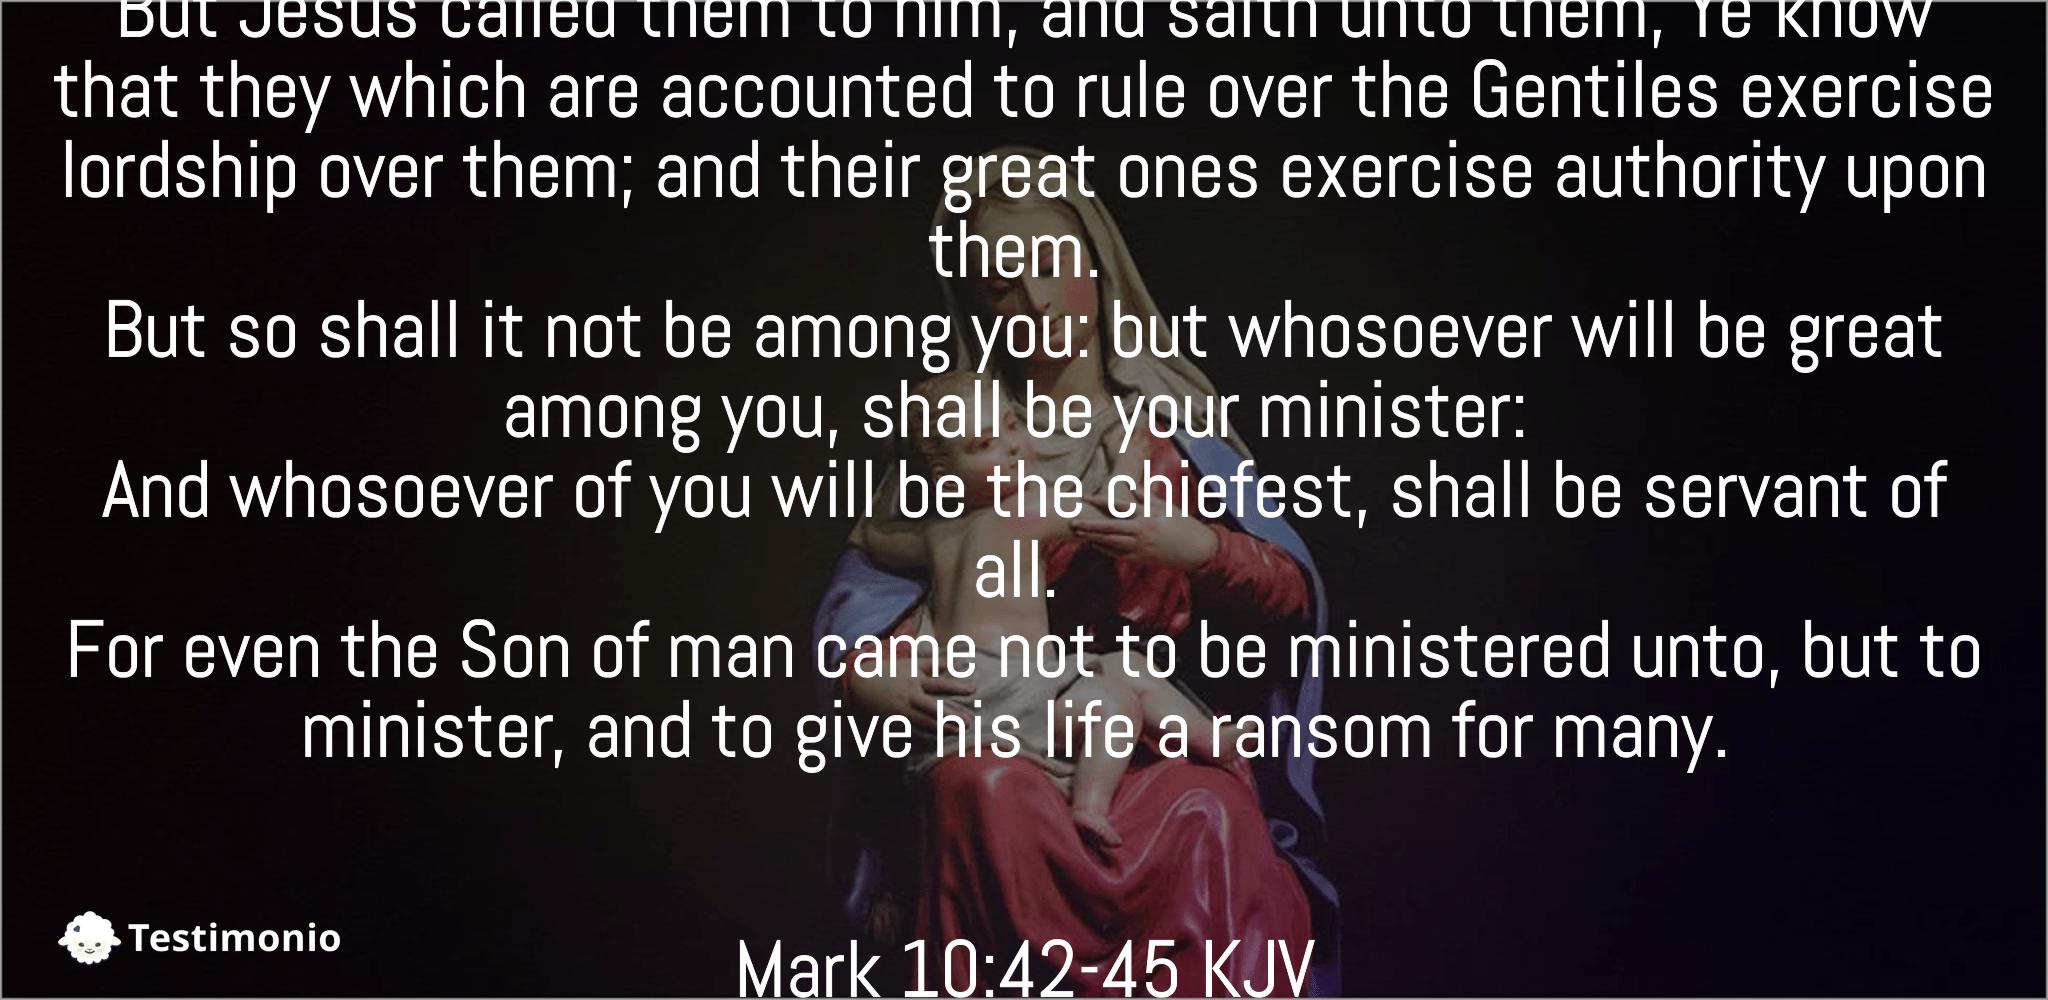 Mark 10:42-45